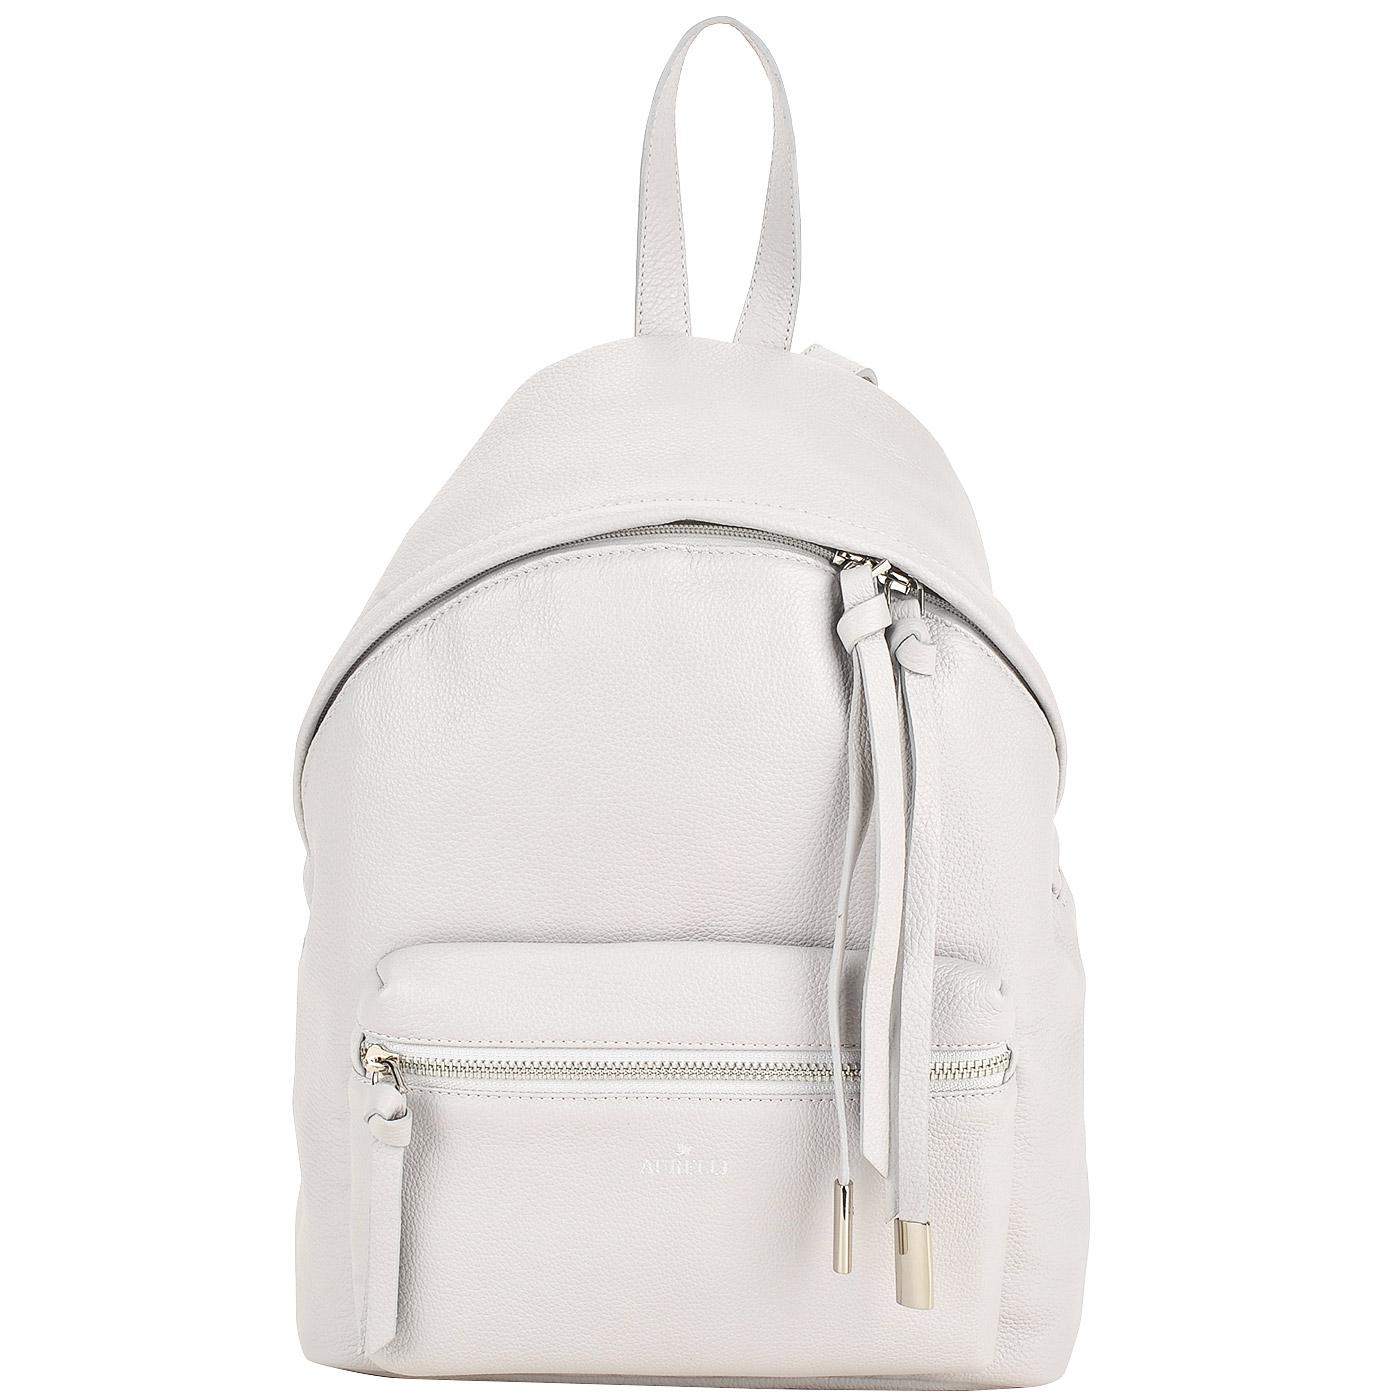 Рюкзак из натуральной кожи интернет магазин пять пальцев на руке шесть шишек в рюкзаке